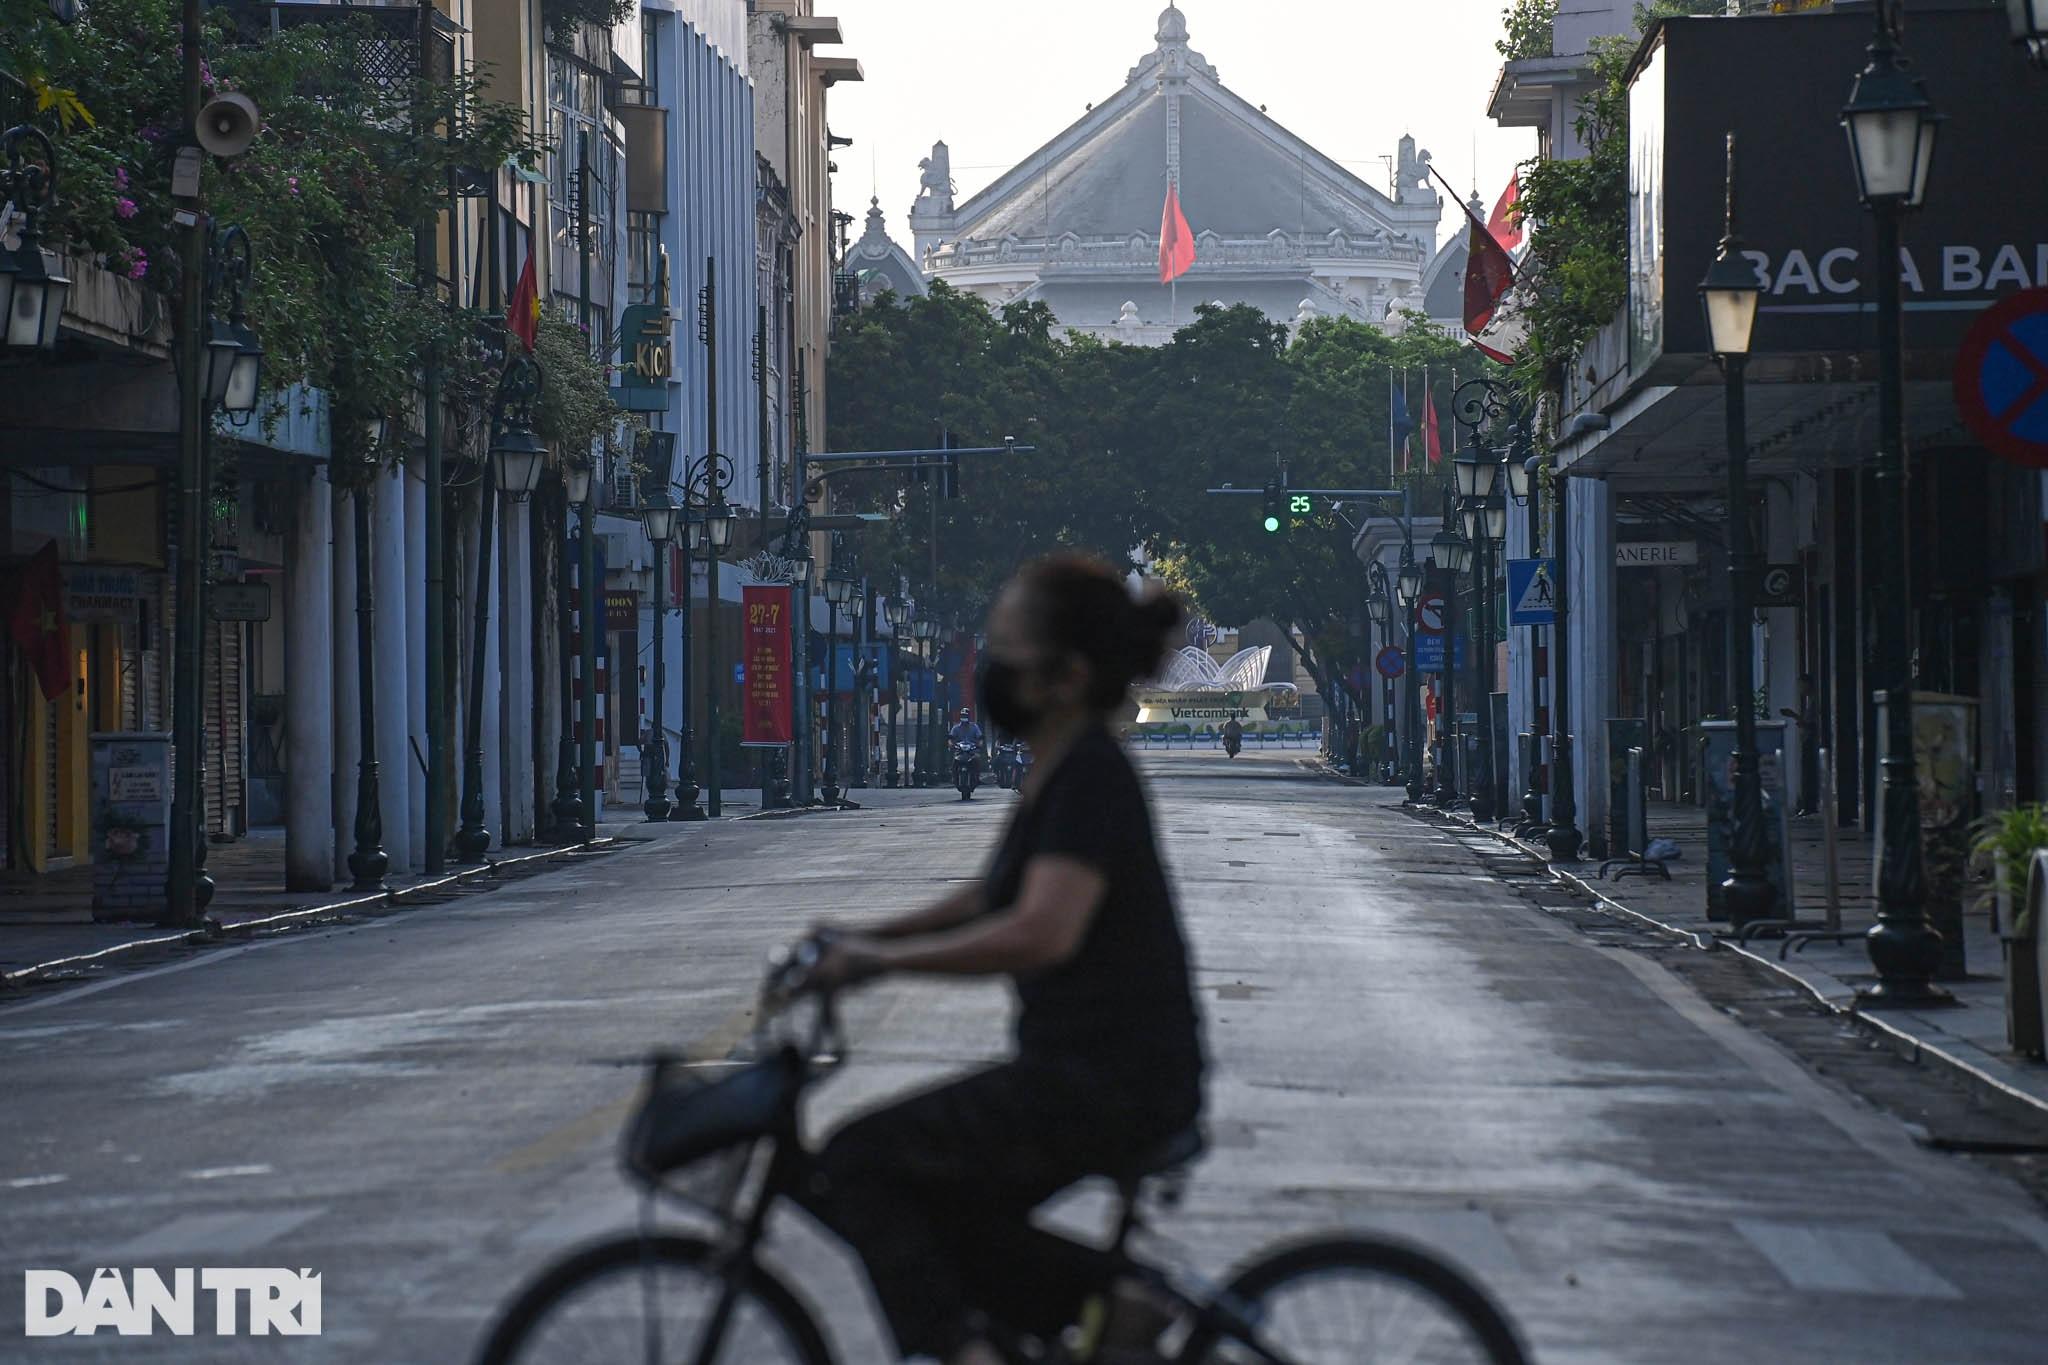 Hà Nội ngày đầu thực hiện Chỉ thị 16: Đường phố vắng, chợ dân sinh đông đúc - 8